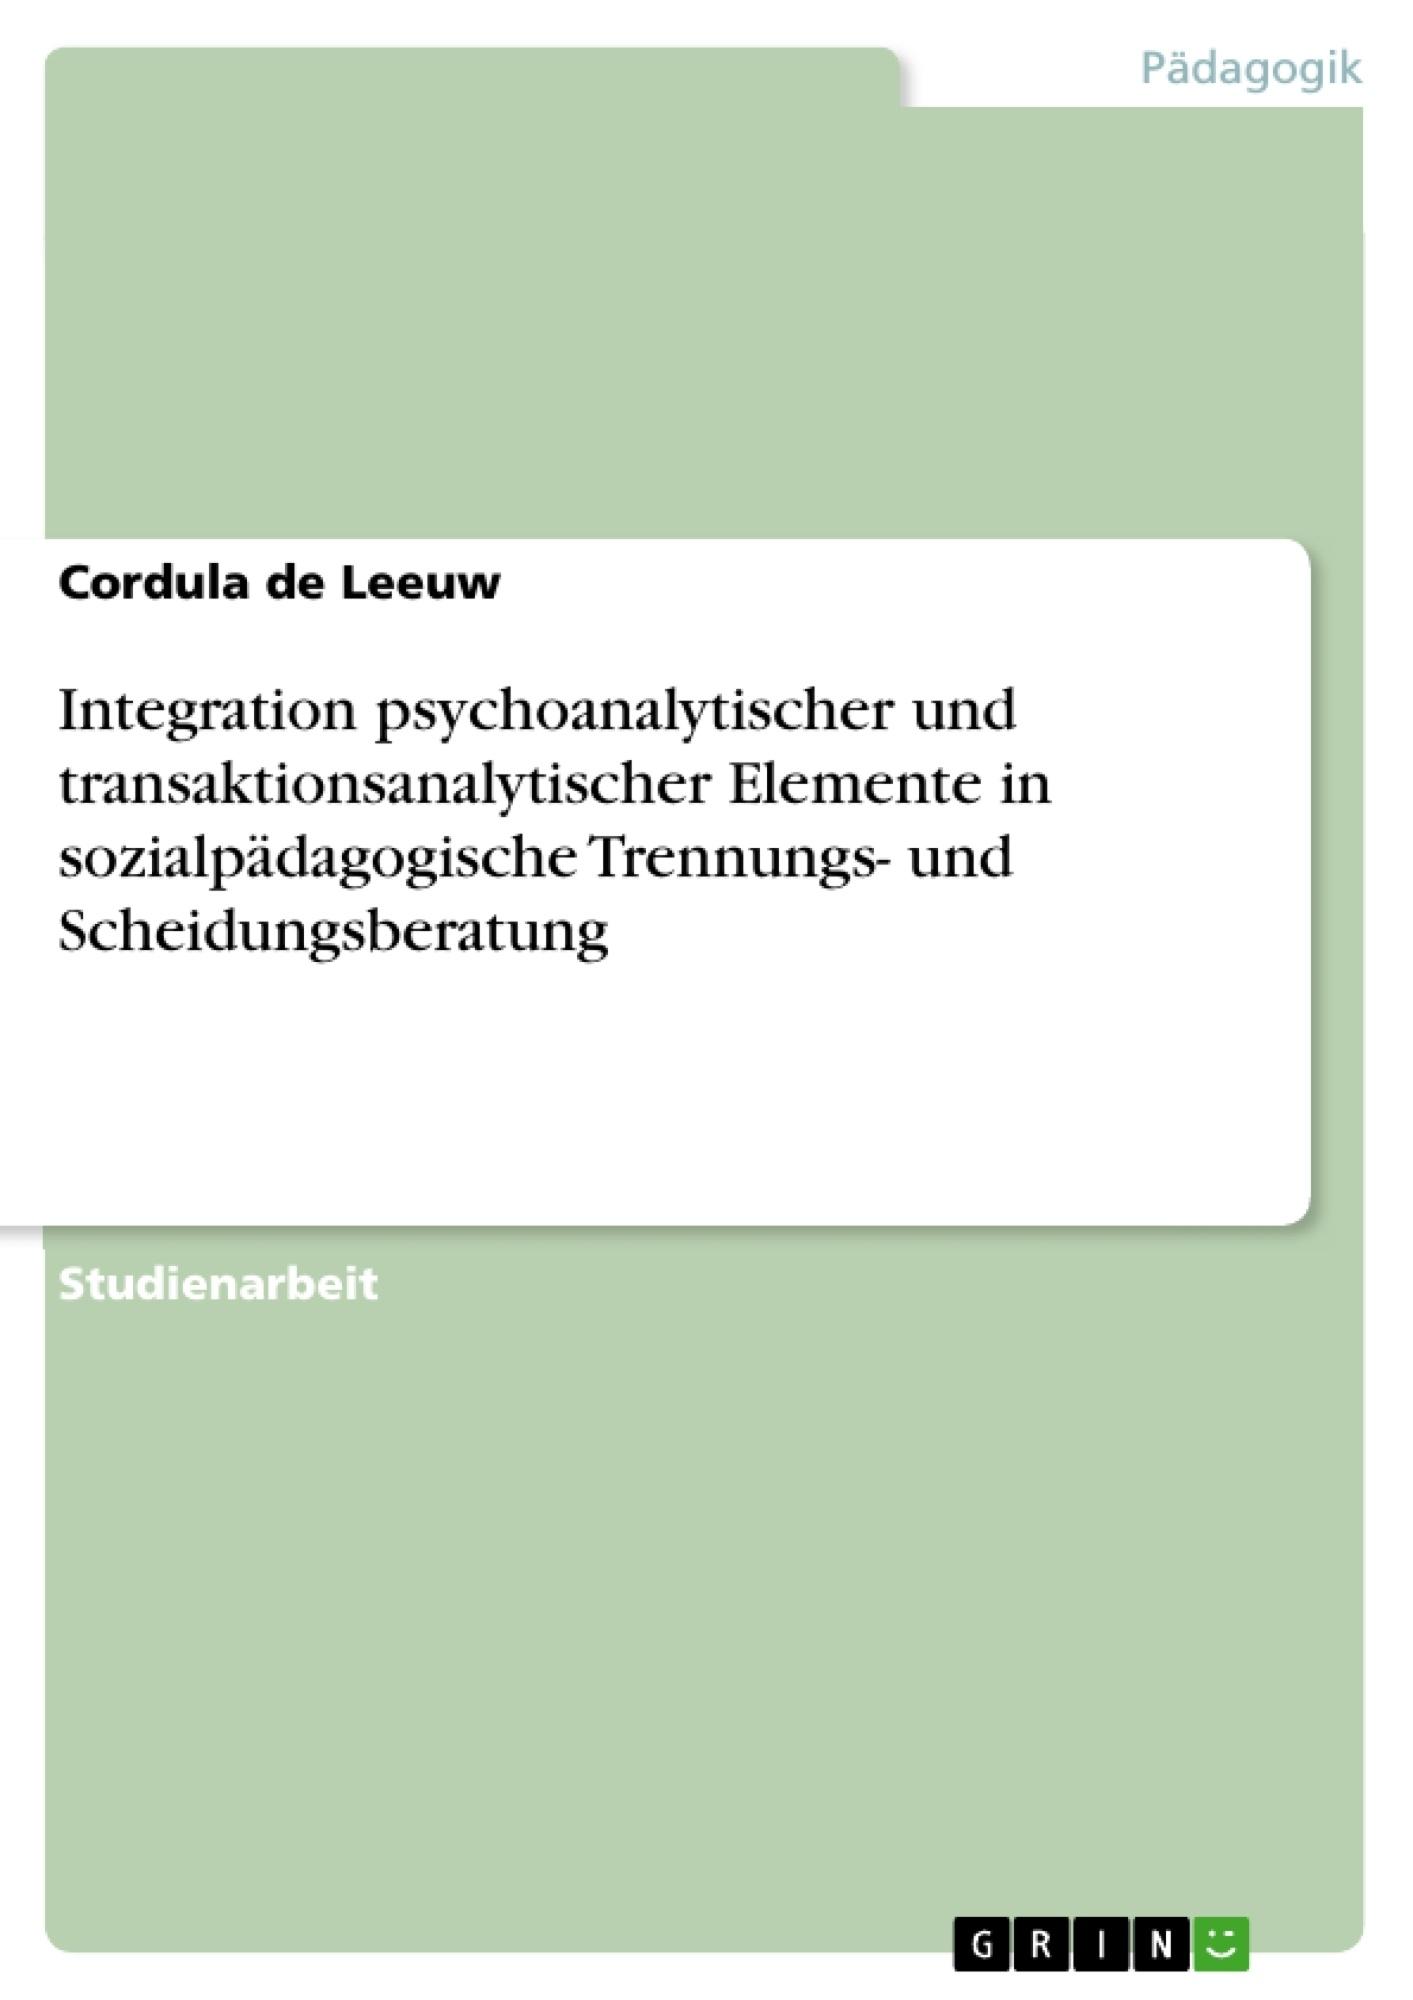 Titel: Integration psychoanalytischer und transaktionsanalytischer Elemente in sozialpädagogische Trennungs- und Scheidungsberatung